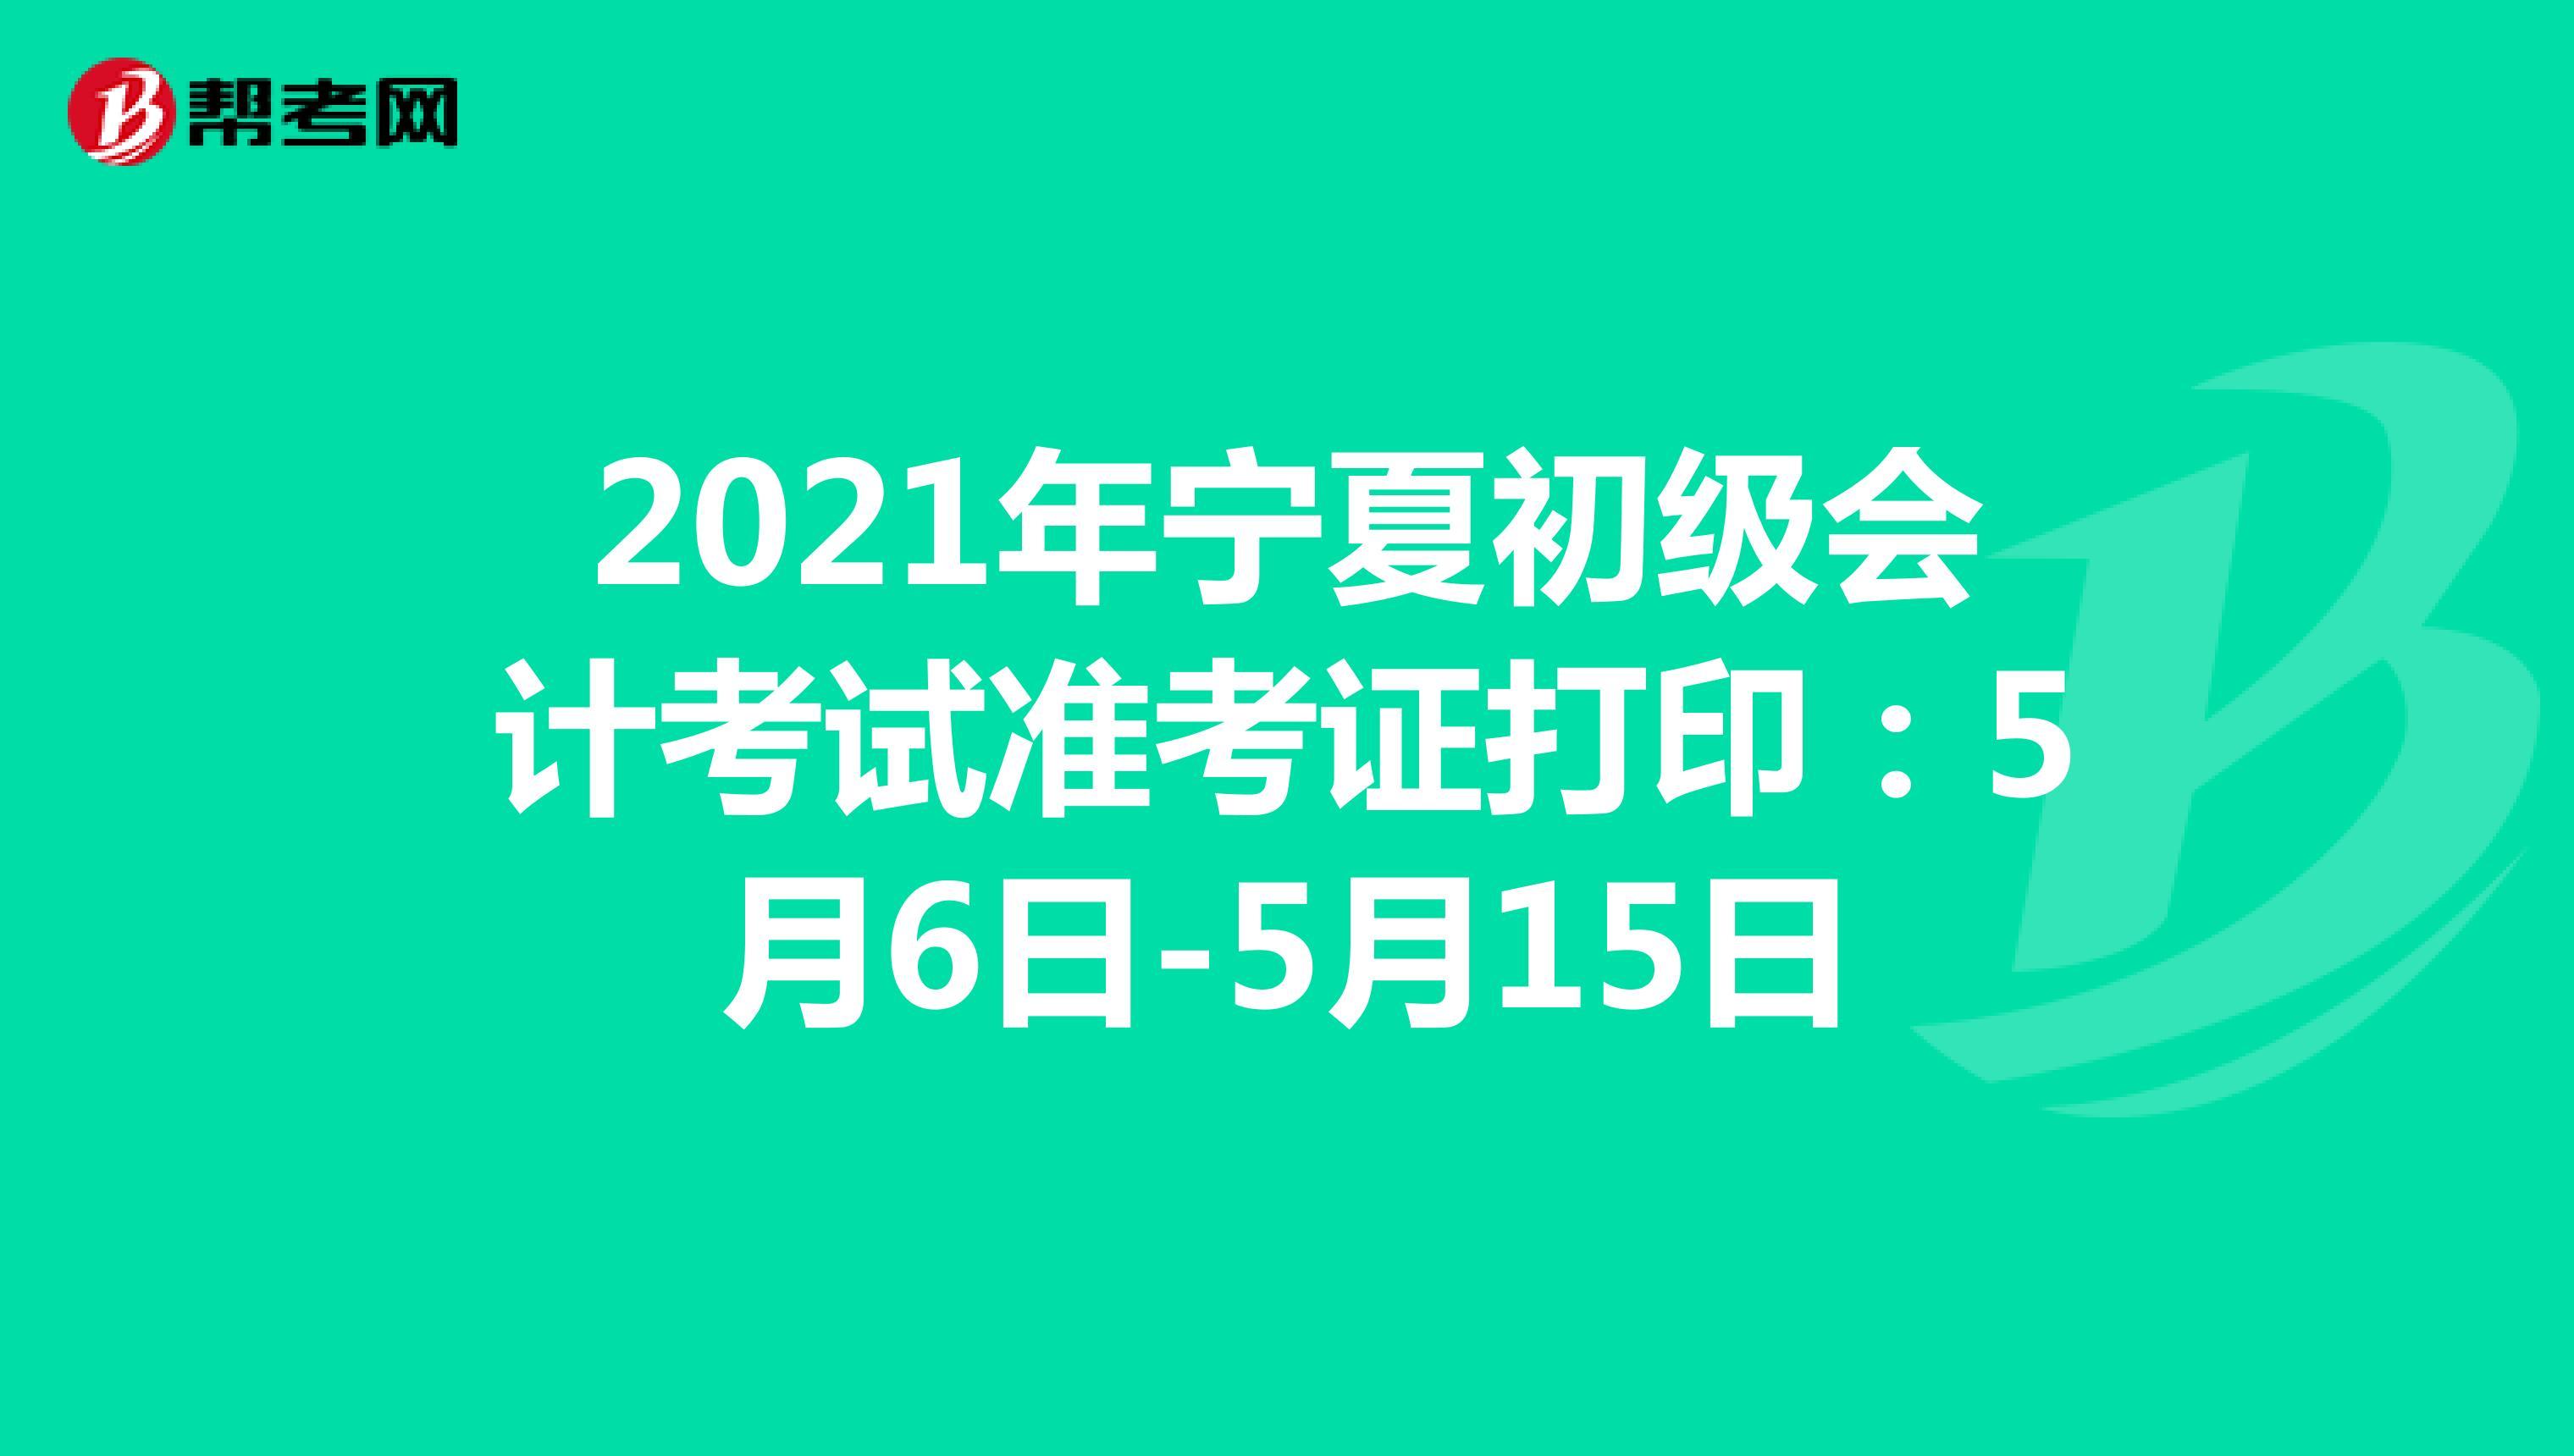 2021年宁夏初级会计考试准考证打印:5月6日-5月15日